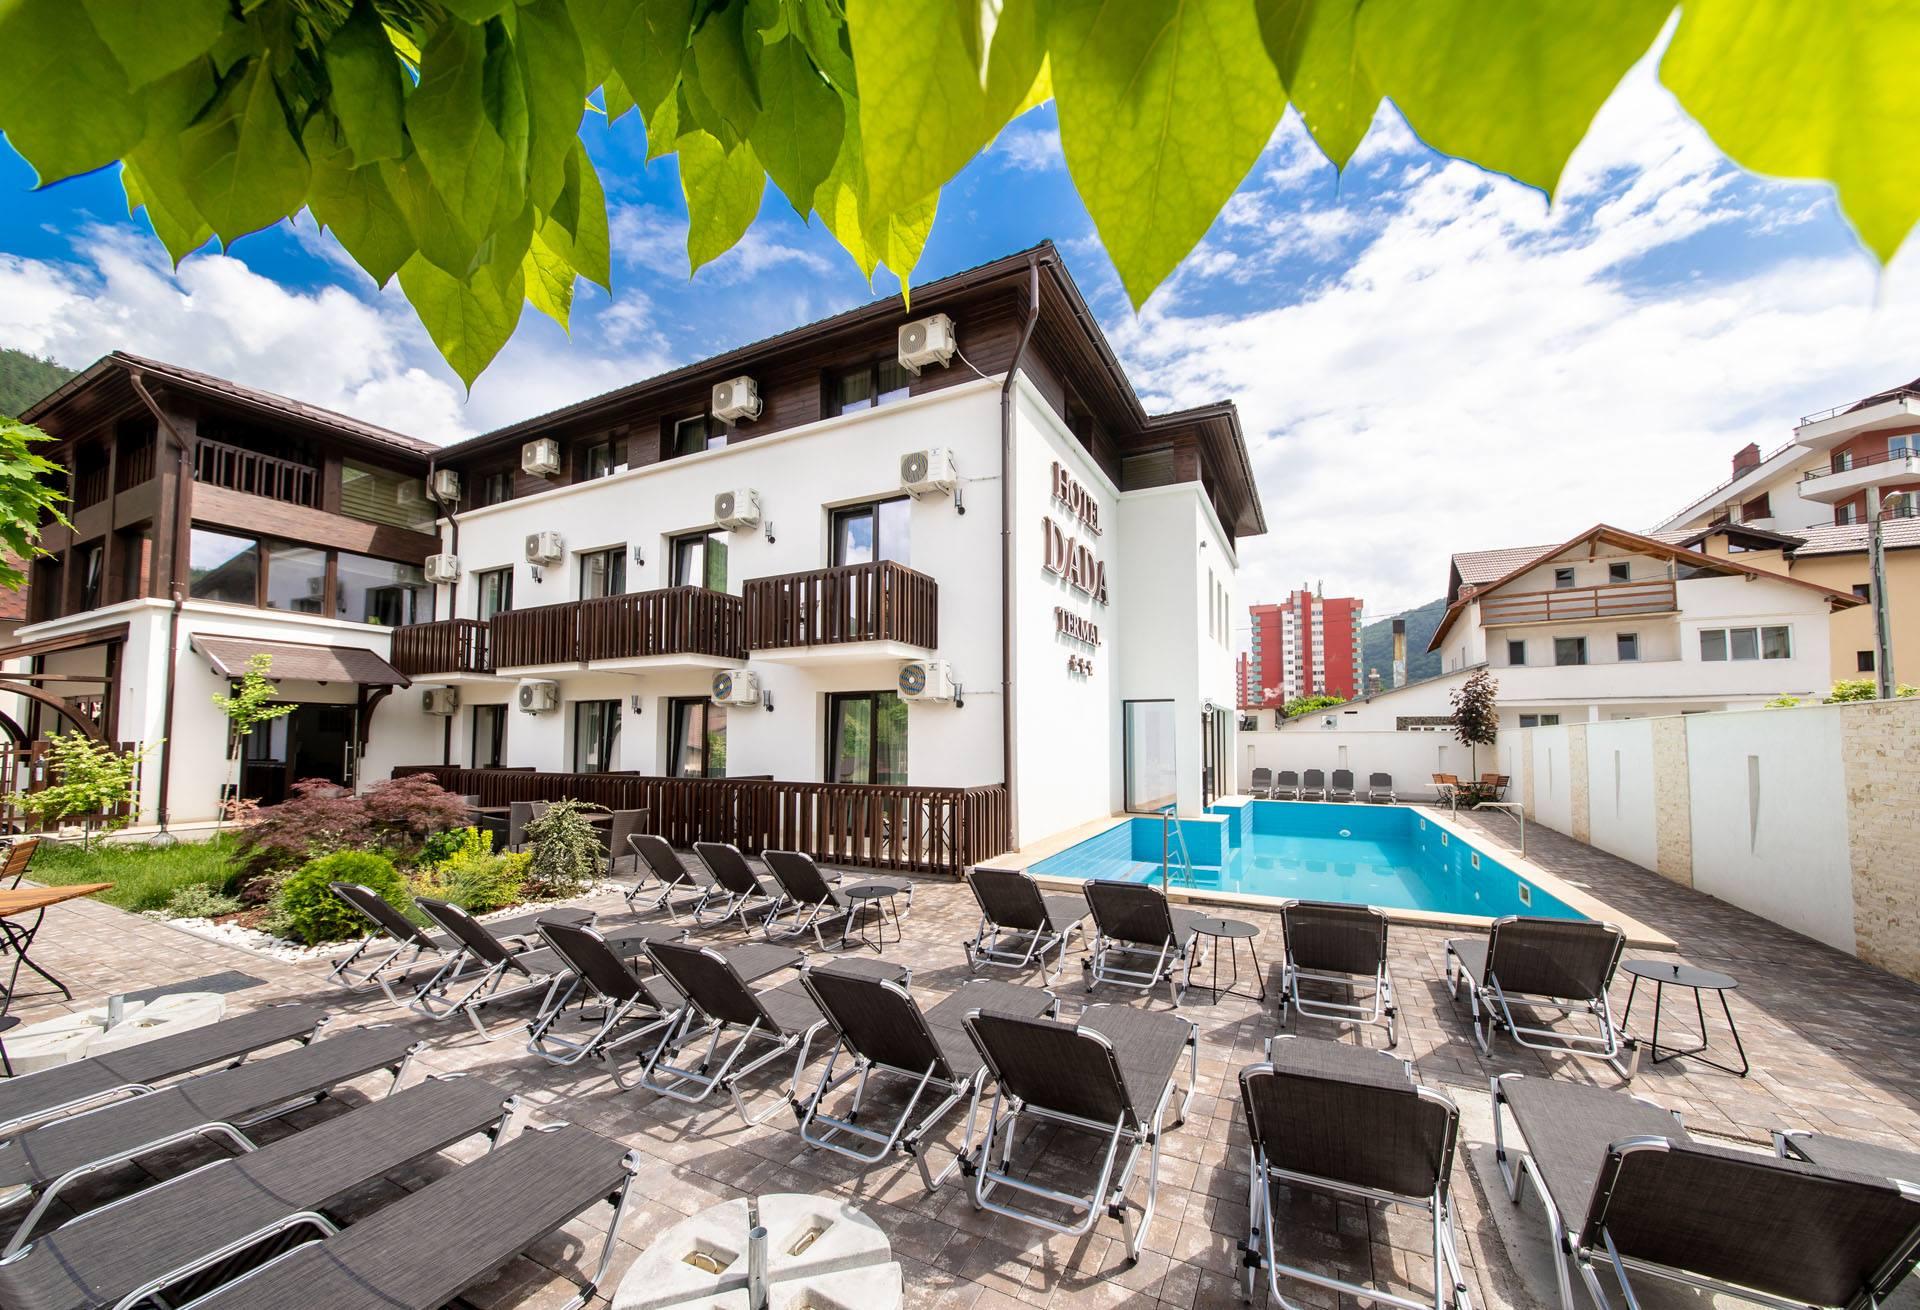 Proiect hotel 980mp in statiunea Calimanesti, Cozia. Hotel 24 camere cu baza termala si piscina exterioara.